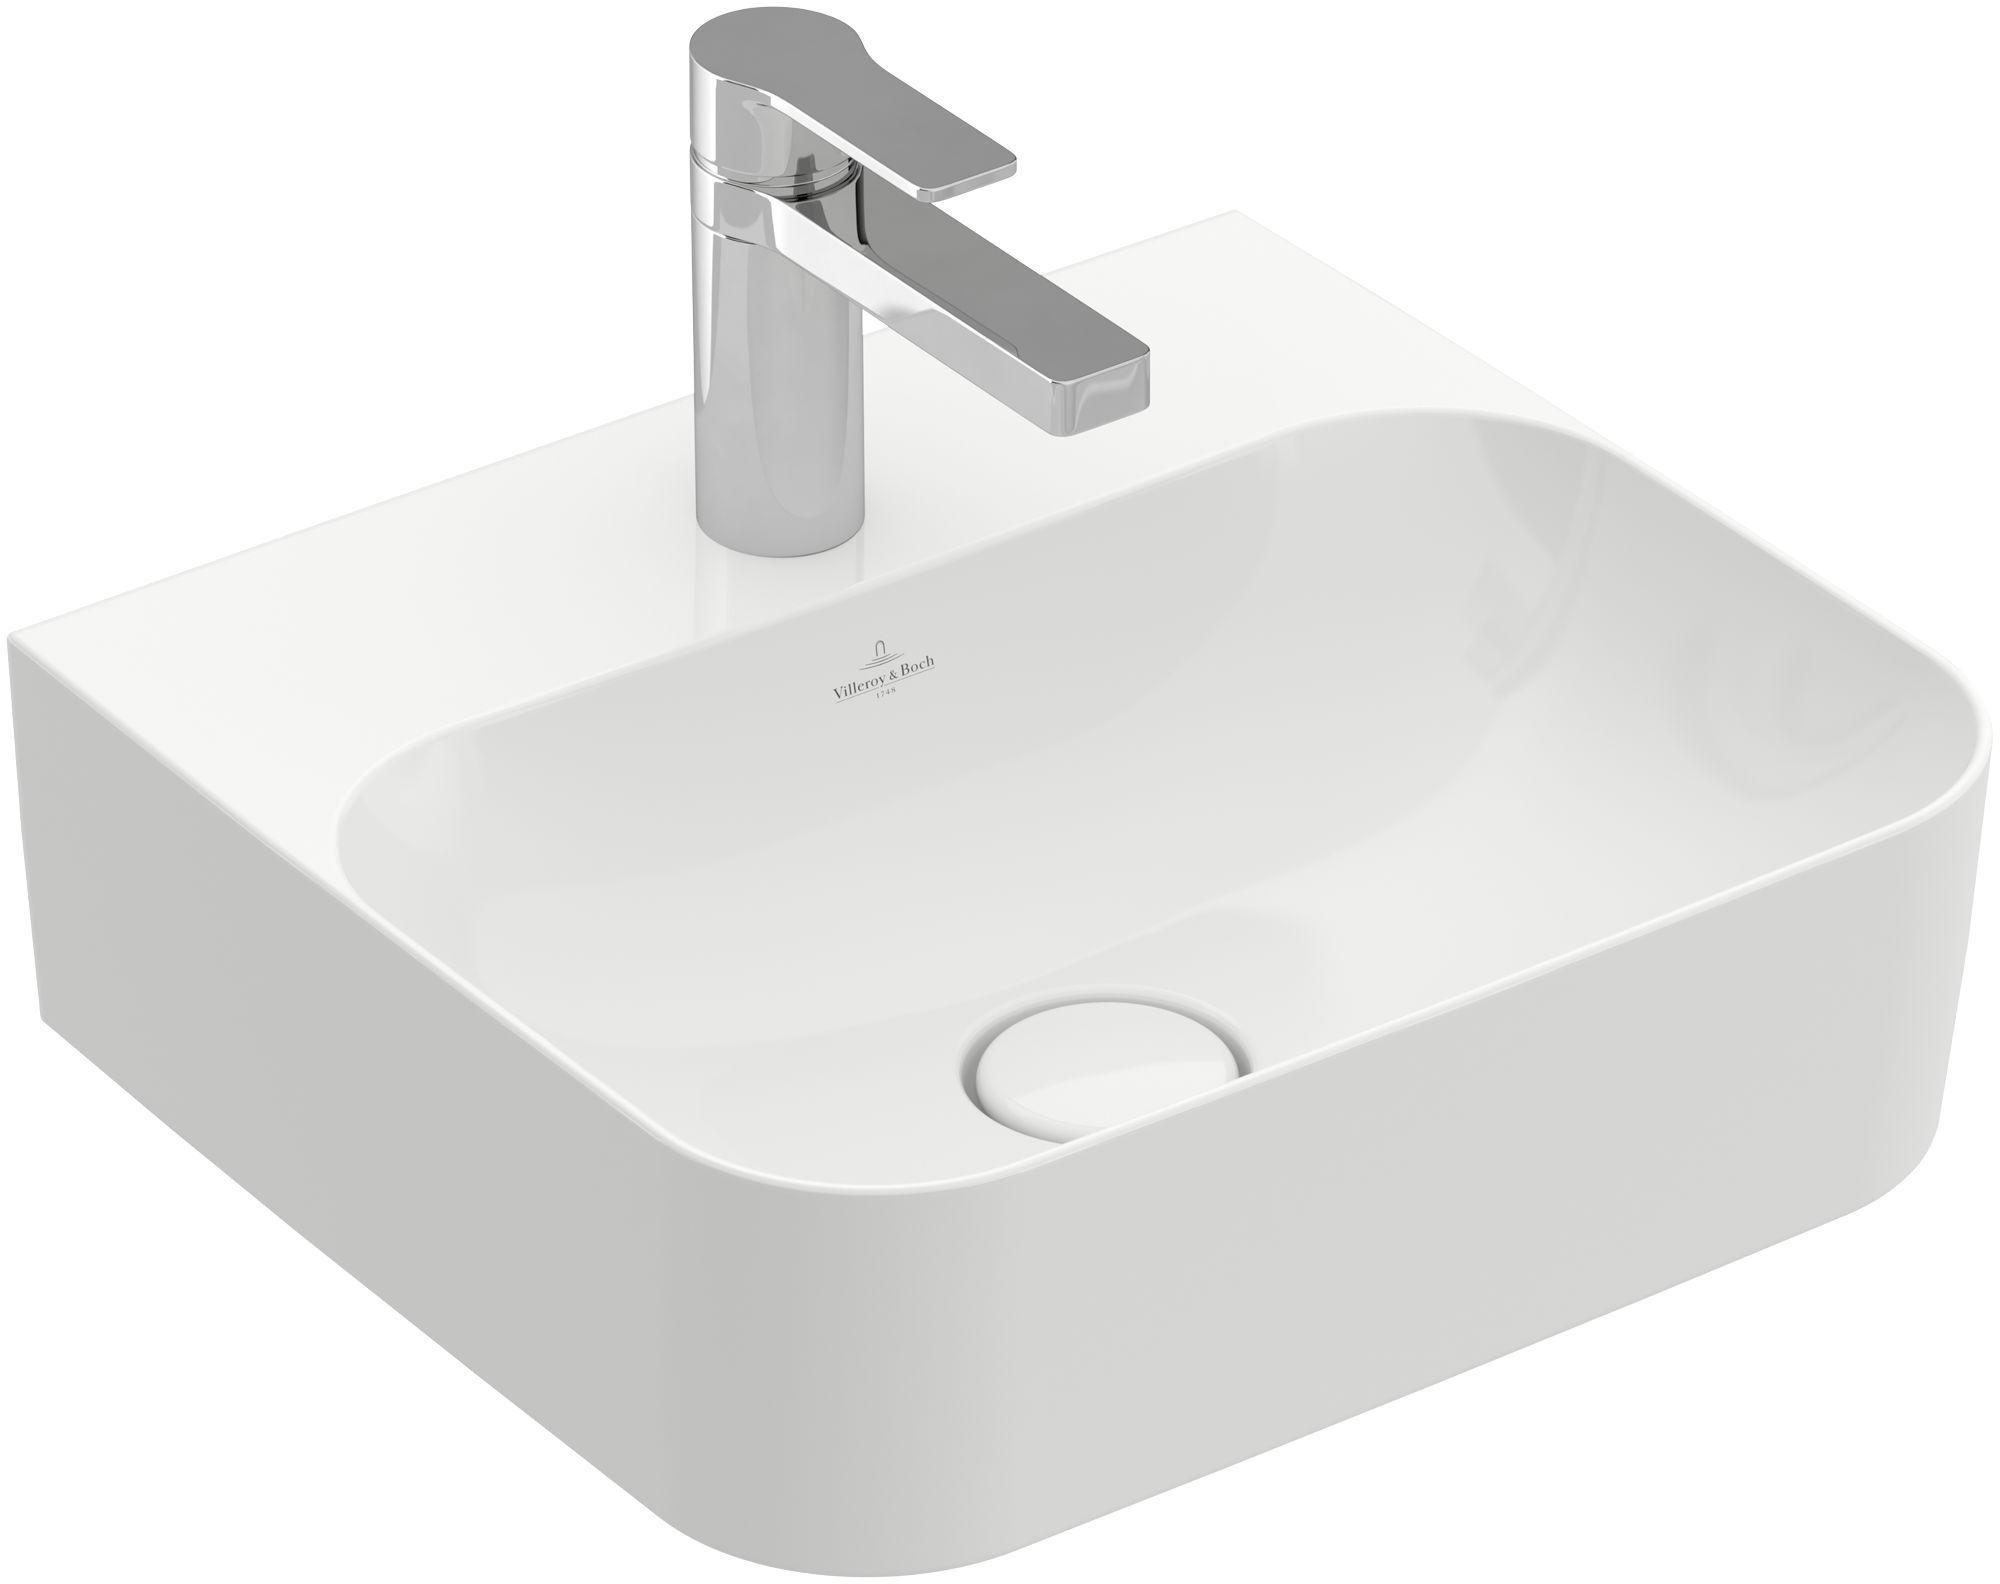 Villeroy & Boch Finion Handwaschbecken ohne Überlauf 1 Hahnloch B:43xT:39cm ohne Überlauf 1 Hahnloch weiß Ceramicplus 43644LR1